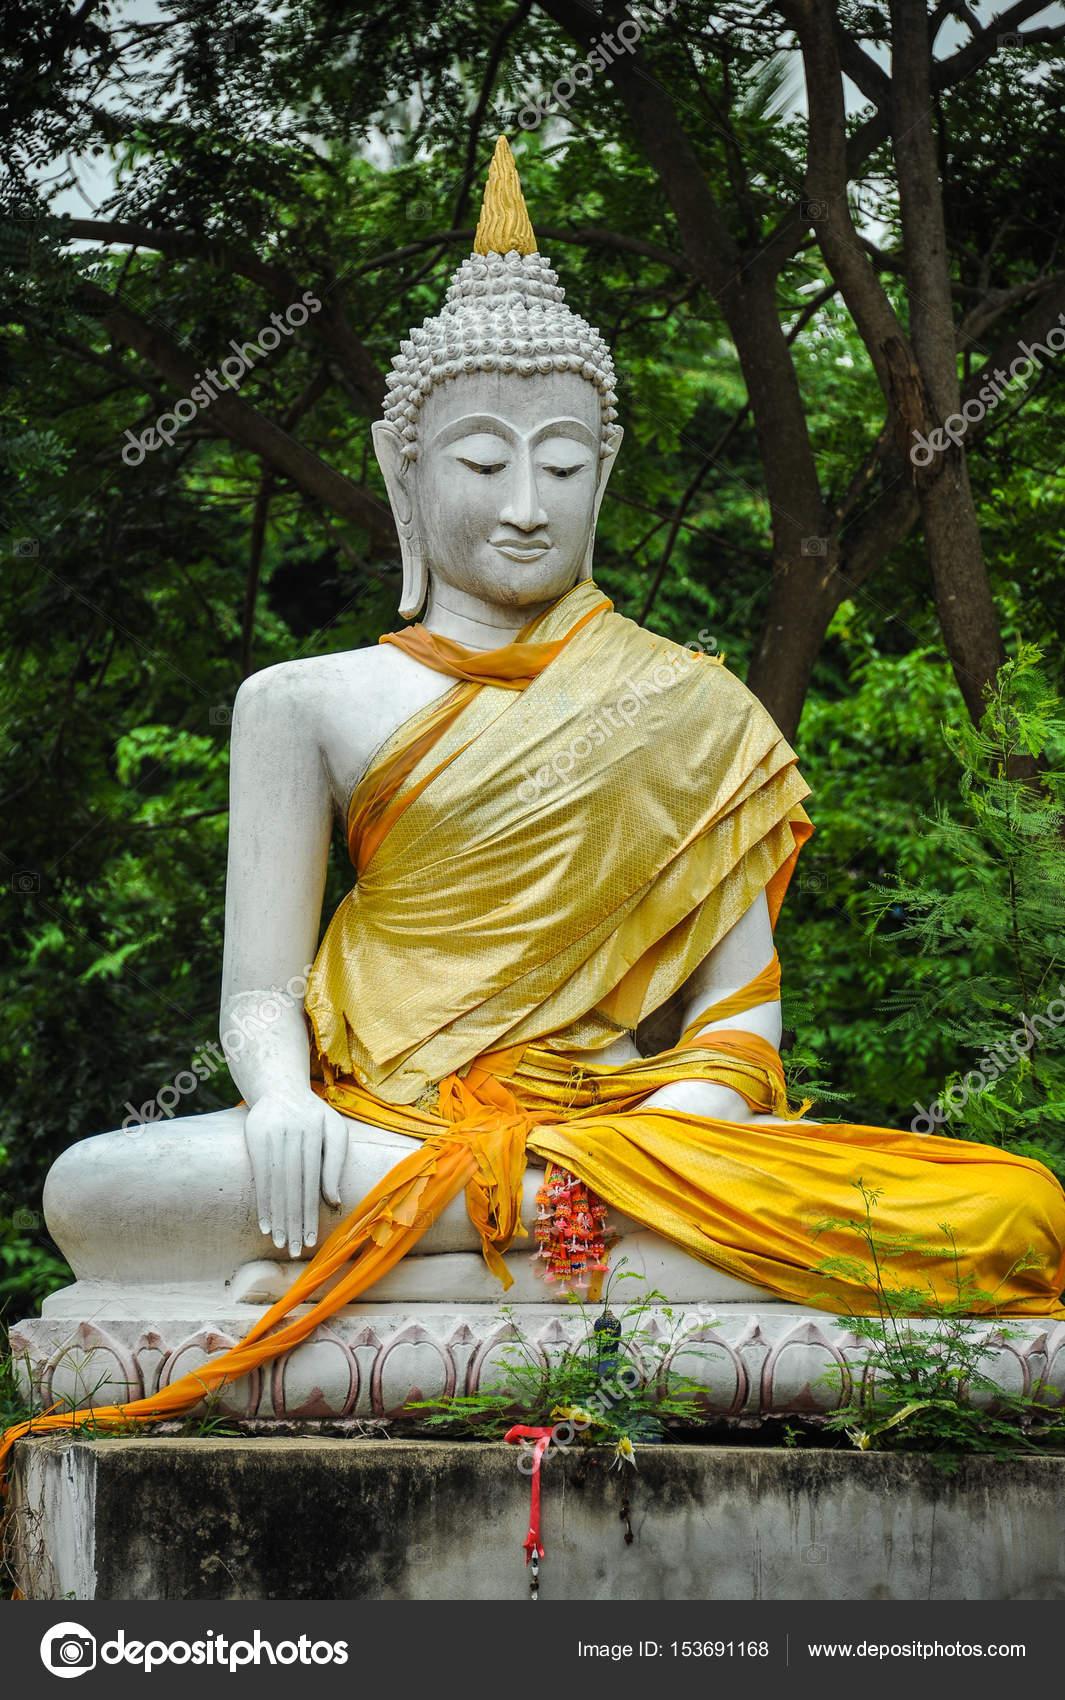 White Buddha Statue Im Garten Des Buddhistischen Tempel Stockfoto